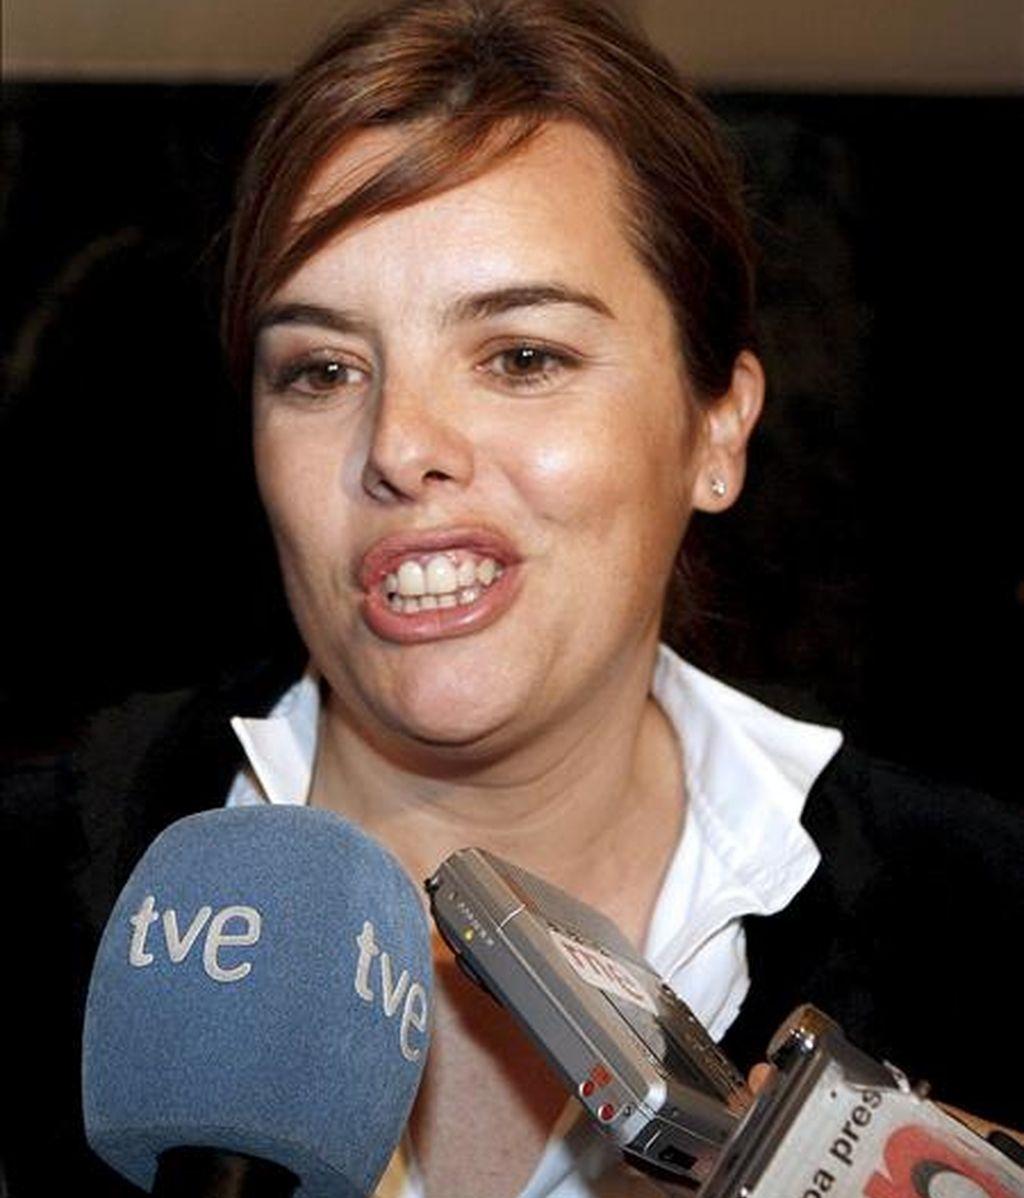 La portavoz del grupo popular, Soraya Sáenz de Santamaría, atiende a los periodistas a su llegada a la reunión de la Junta de Portavoces en la Cámara Baja. EFE